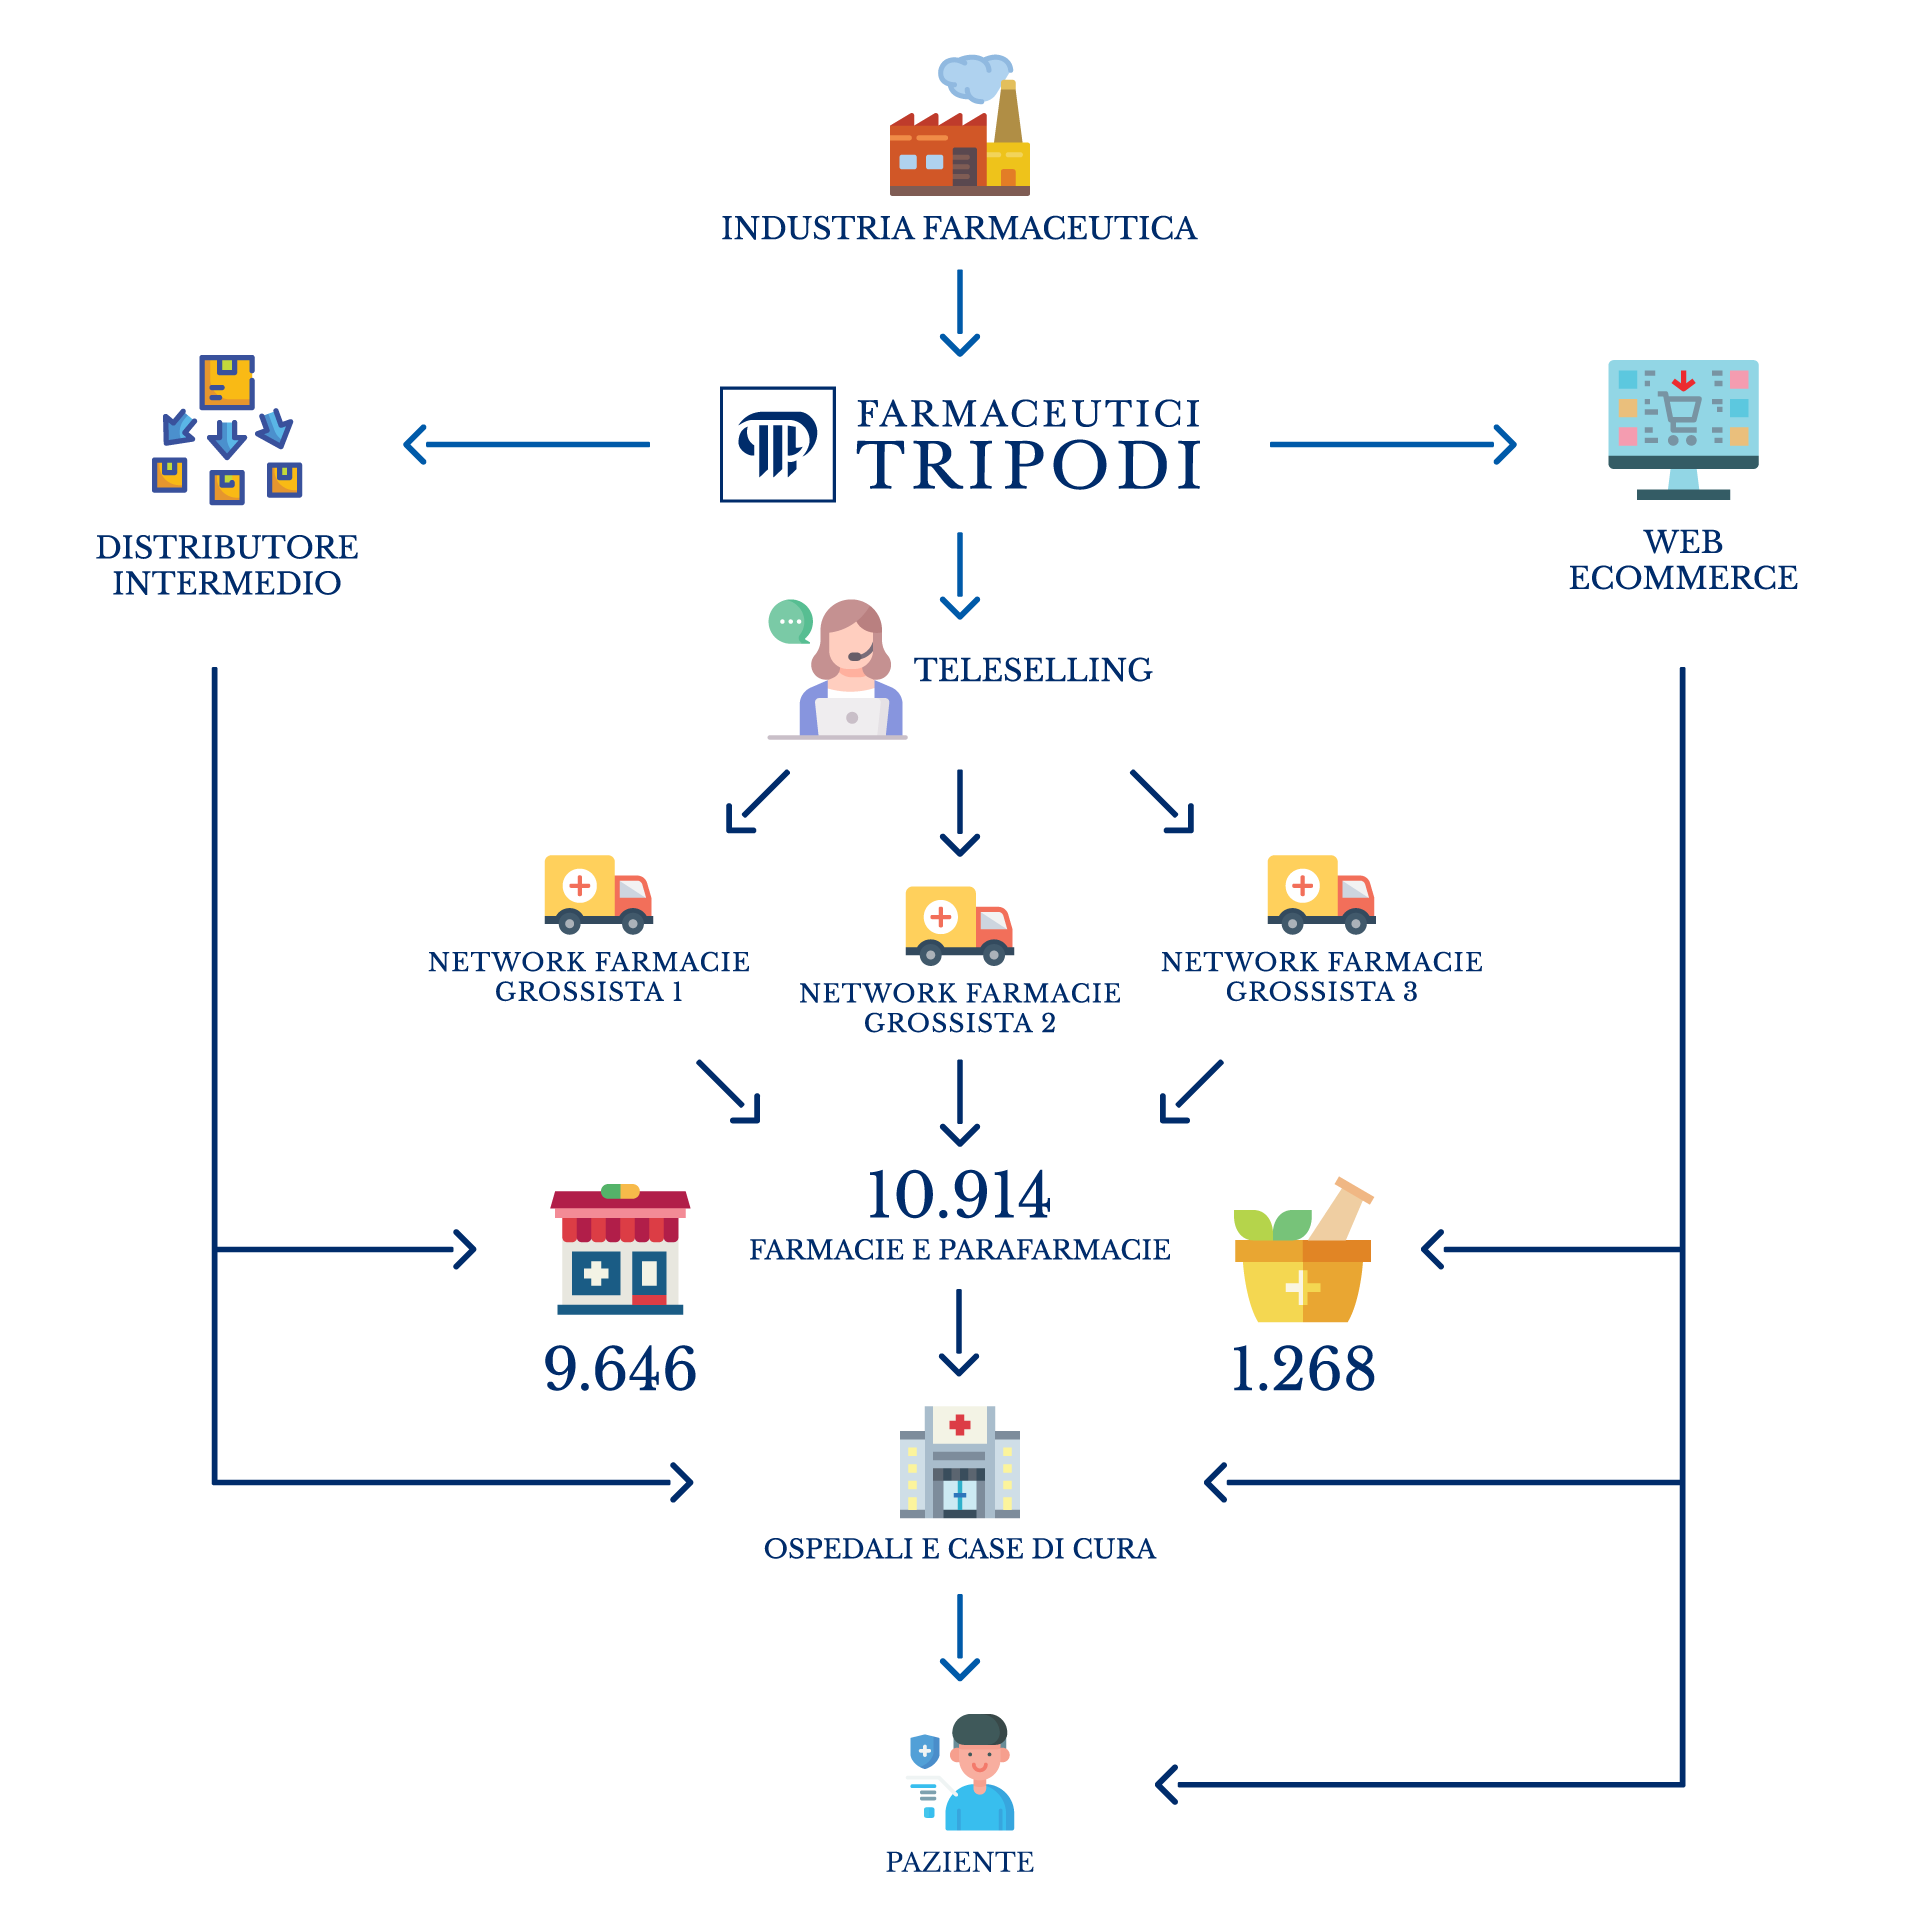 flow chart farmaceutici tripodi